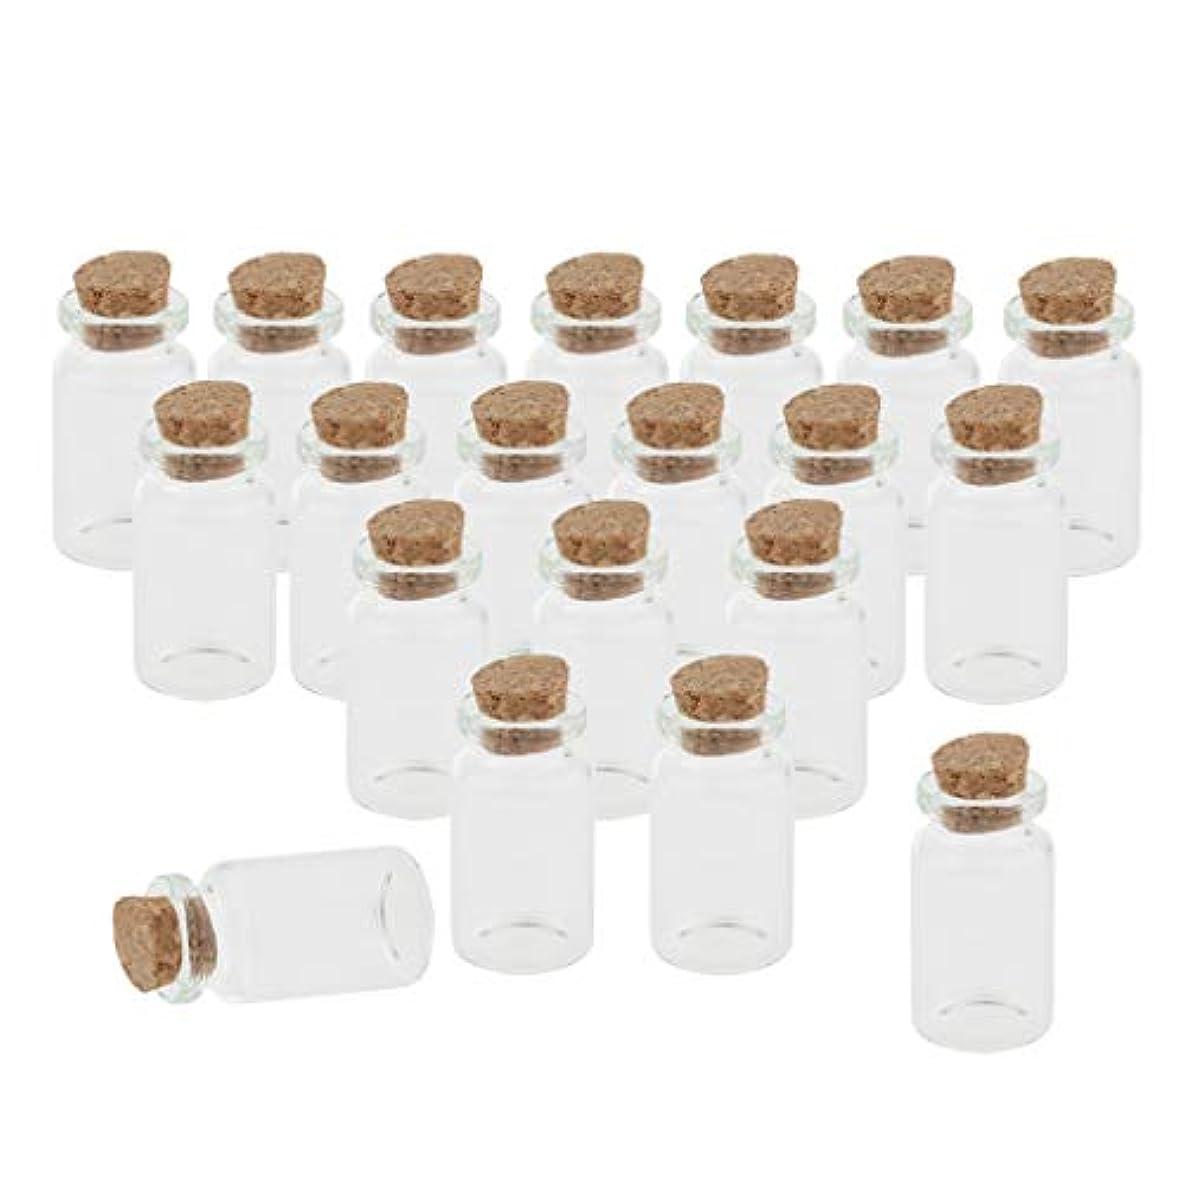 分割オプションとらえどころのないIPOTCH 約20個 ミニ ガラス小瓶 手芸材料 DIYウィッシングボトル ドリフトボトル 香水瓶 アロマ容器